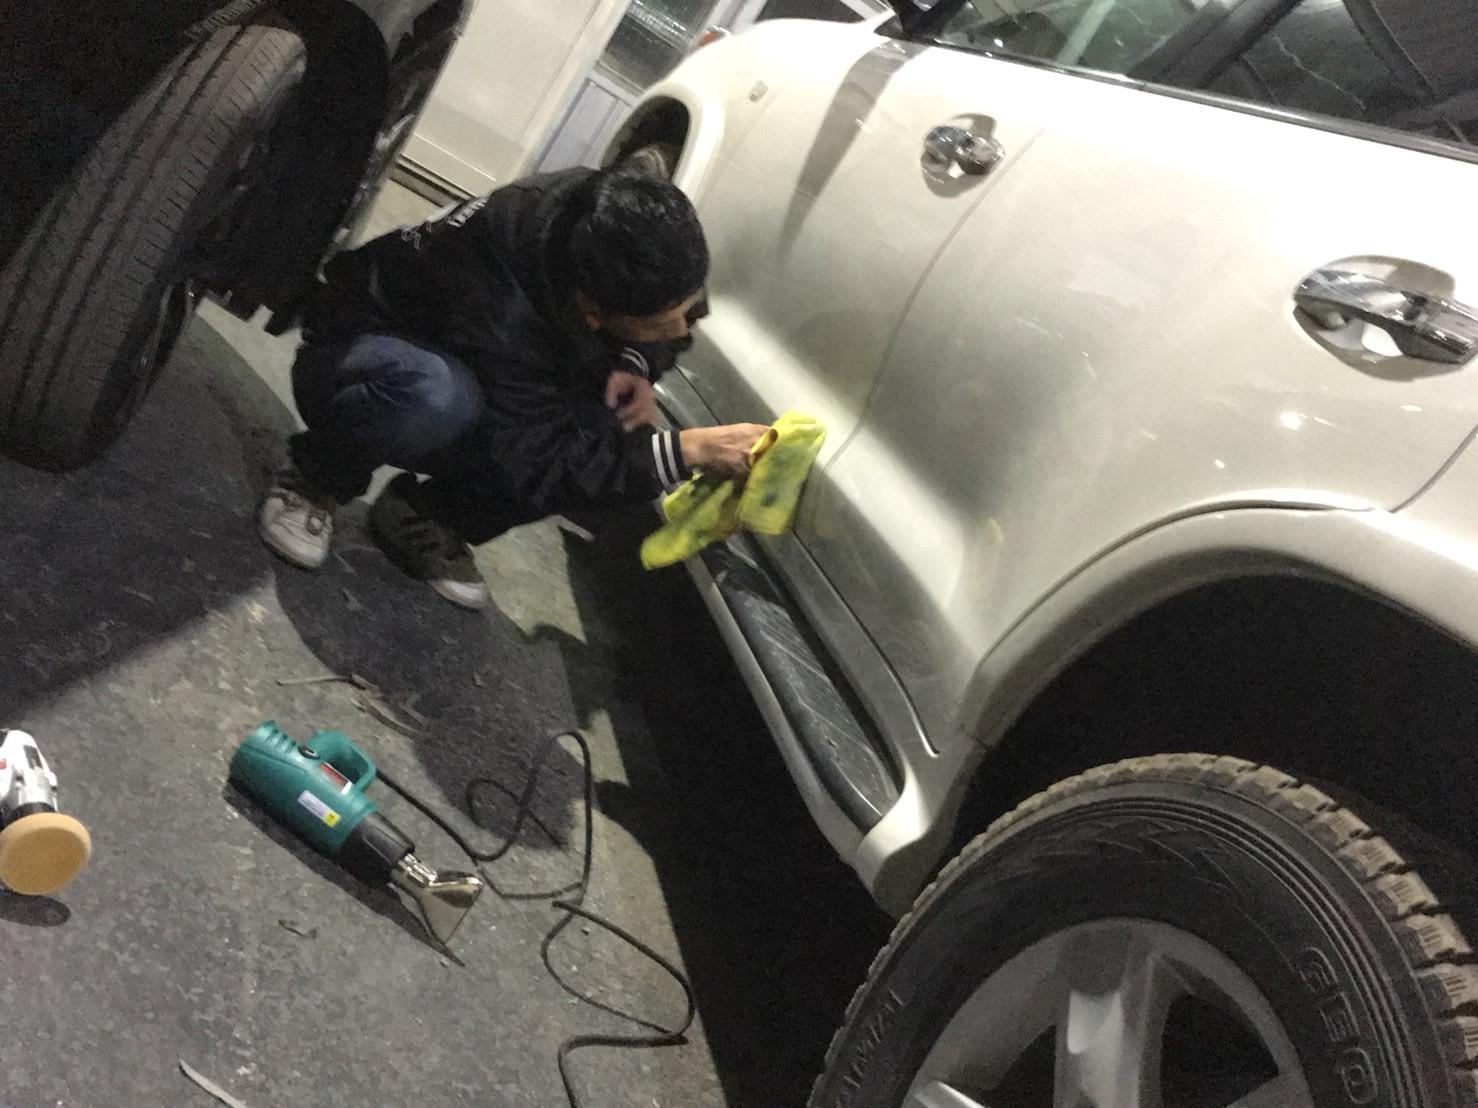 3月30日(金)トミーベース カスタムブログ☆S社様、新車のヴェルファイア到着☆カマロカスタム中☆_b0127002_12020515.jpg